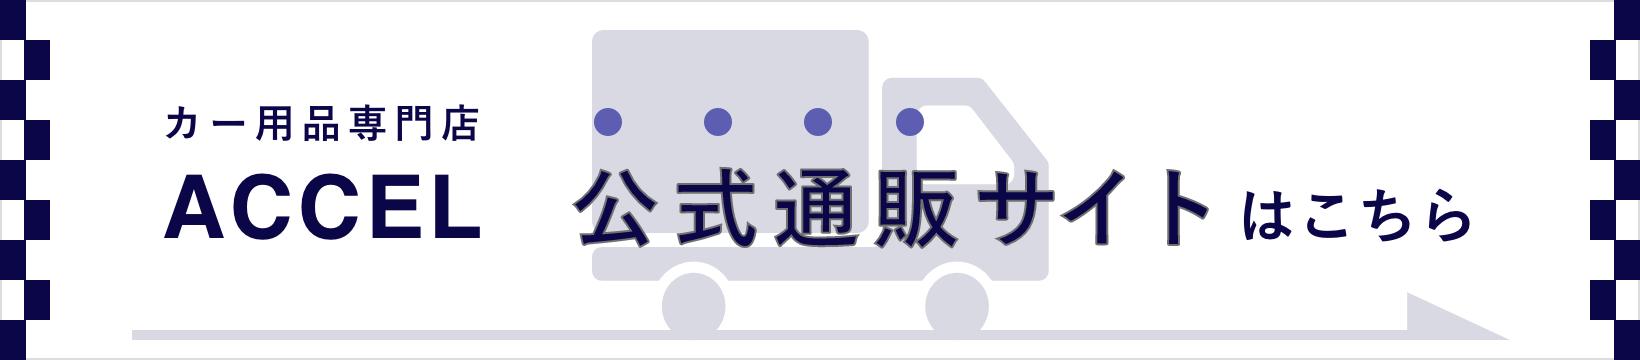 京都タイヤショップ アクセル 通販サイトはこちら